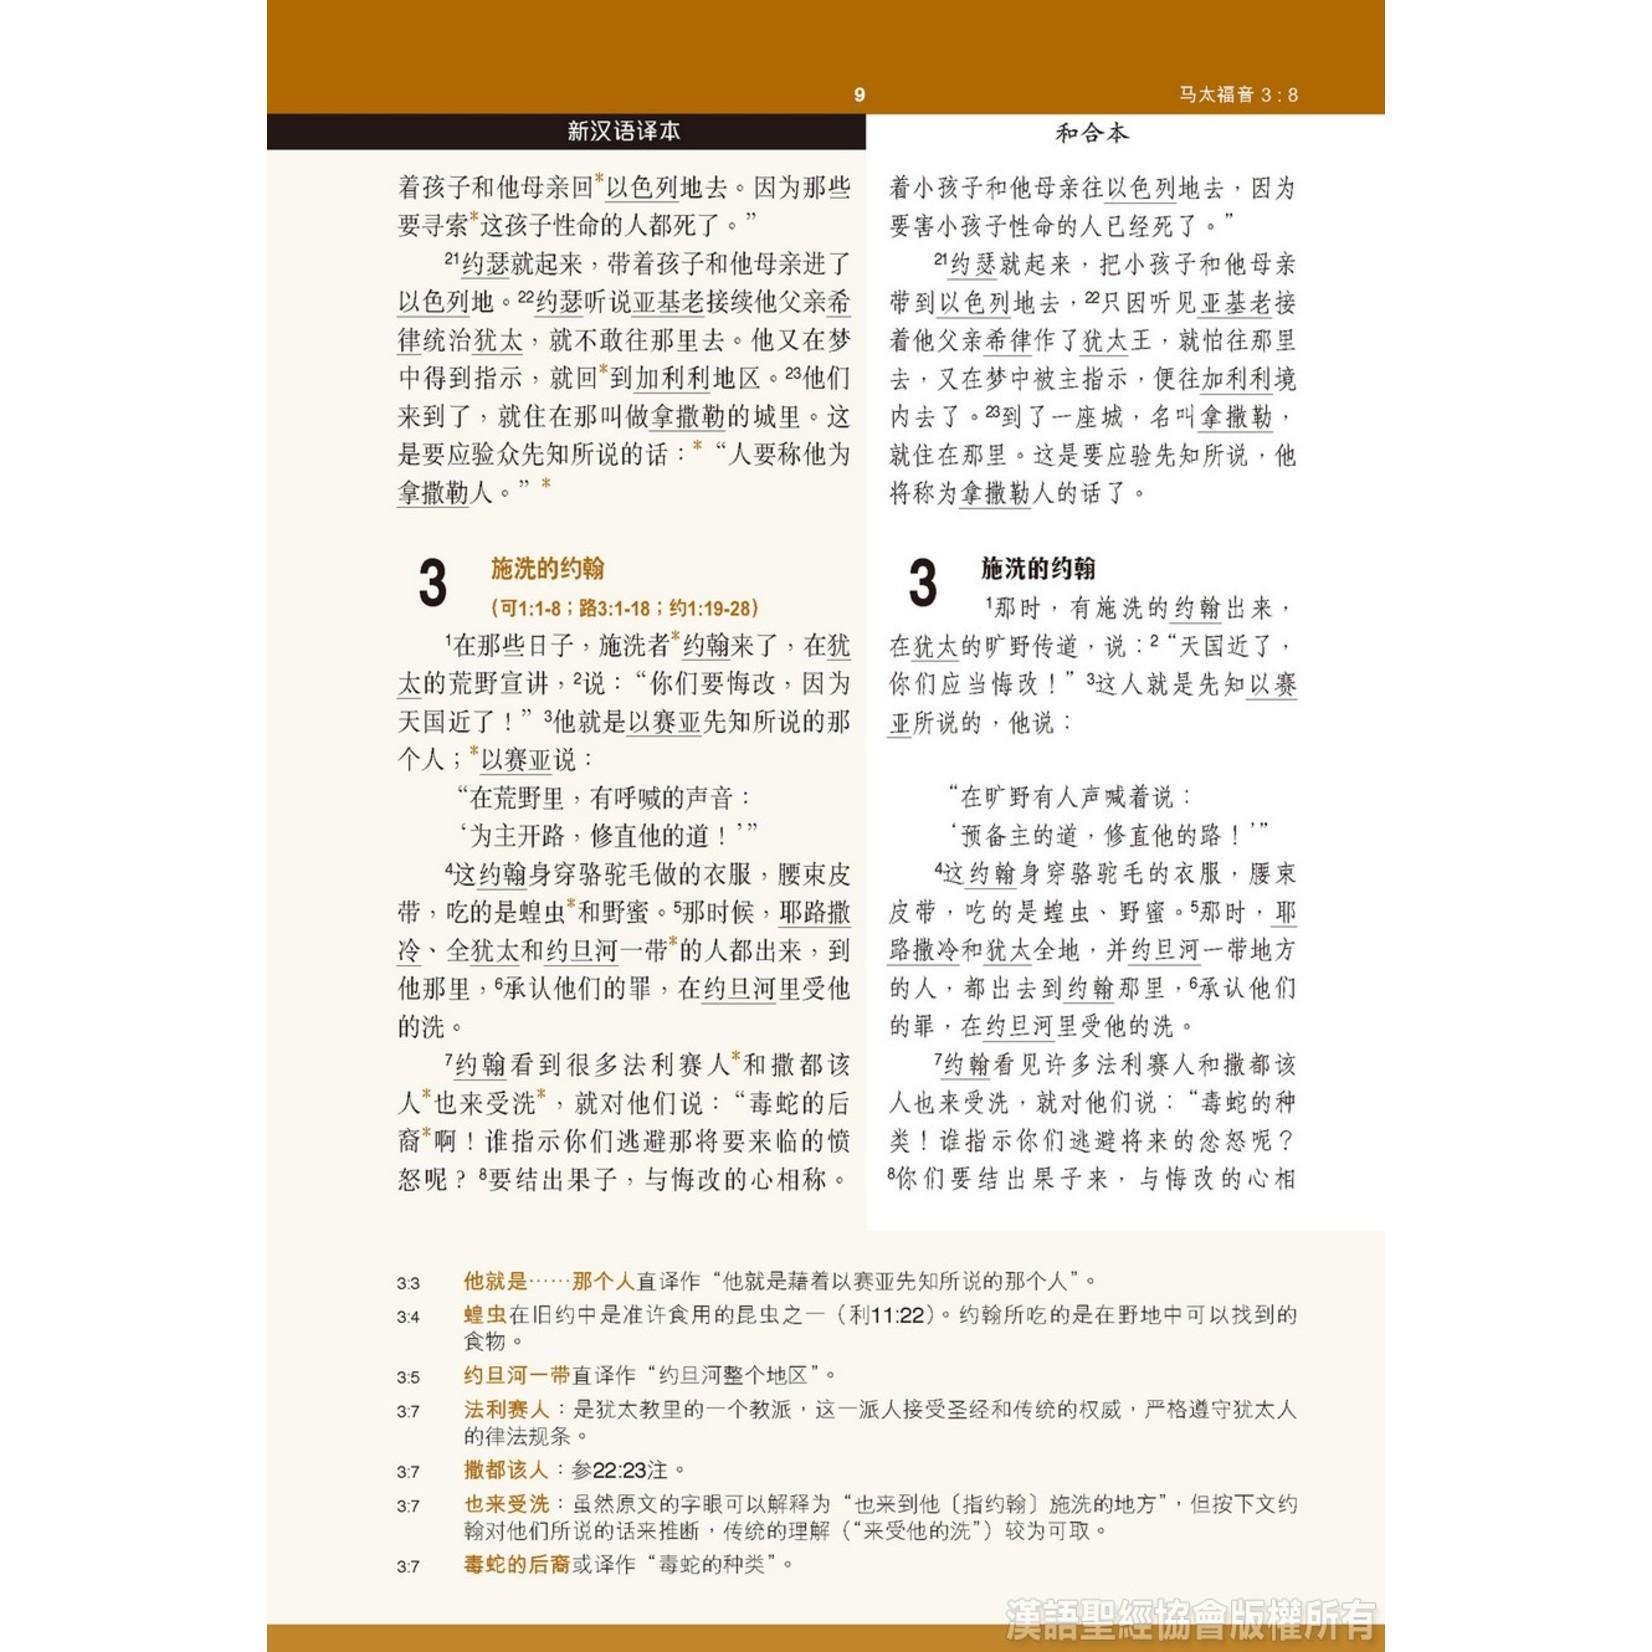 漢語聖經協會 Chinese Bible International 新约全书.注释版.新汉语/和合本.并排版